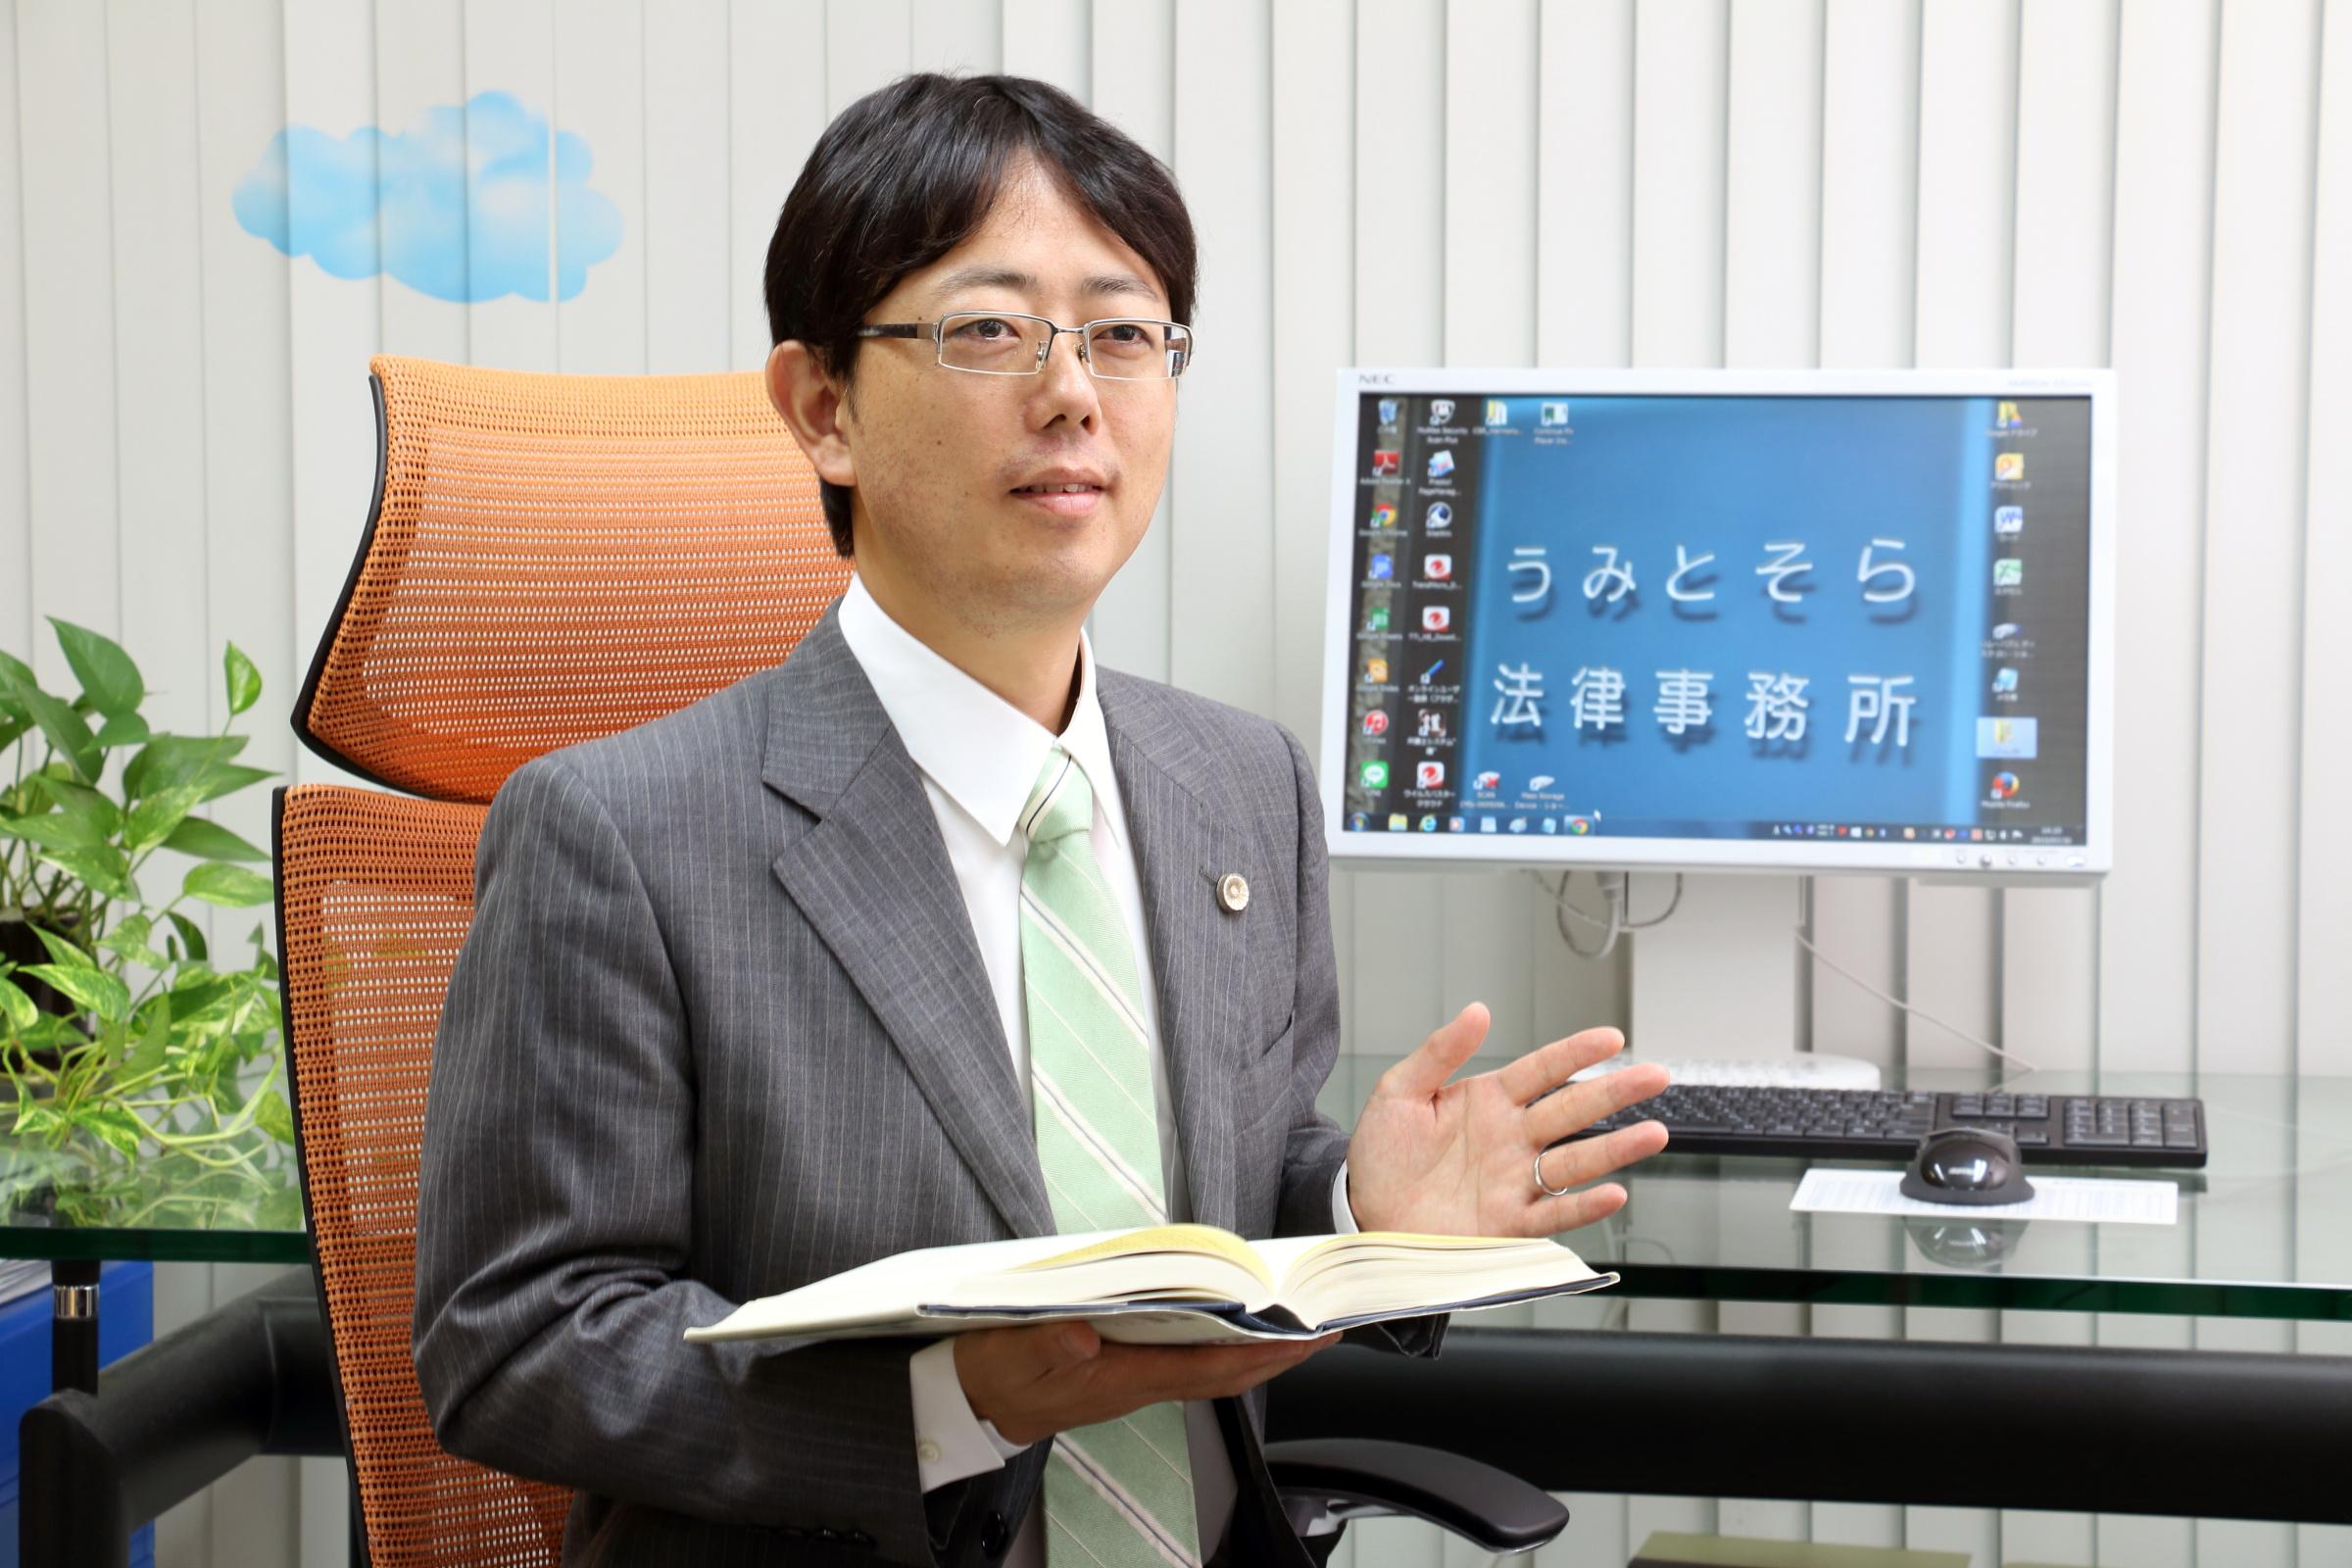 離婚 弁護士|青島弁護士による条文の解説